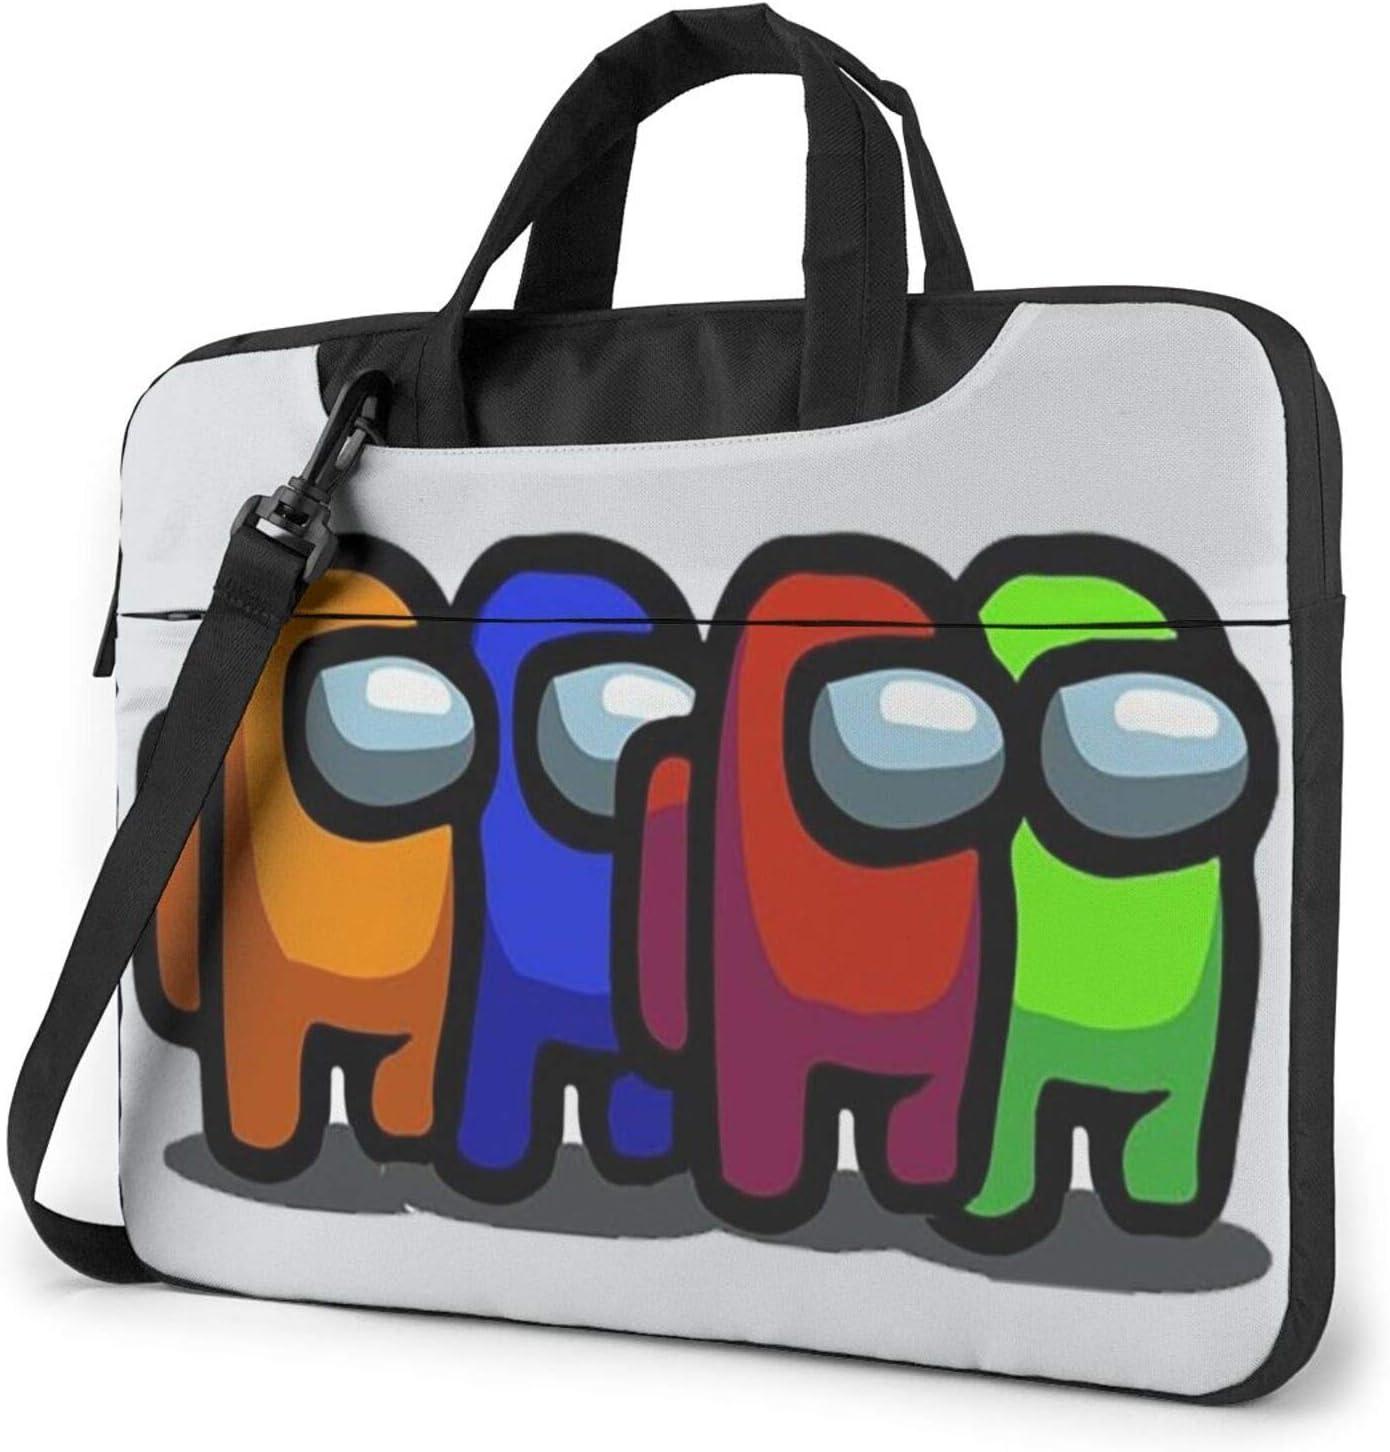 IMOBABY Caribou Laptop Bag Canvas Messenger Shoulder Bag Briefcase Fits 15-15.4 inch